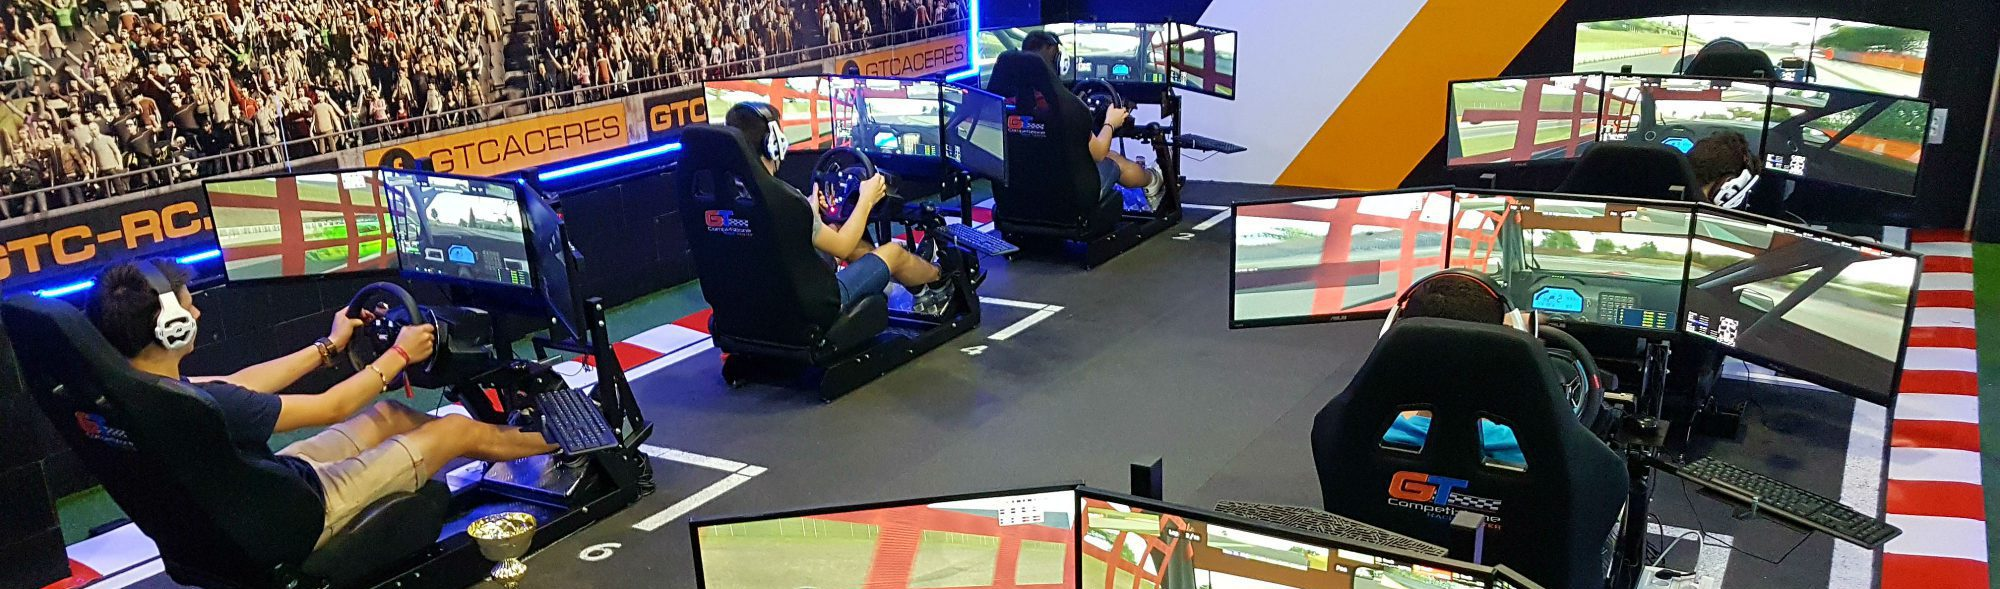 Circuito Virtual : Una vuelta virtual al viejo circuito de nürburgring